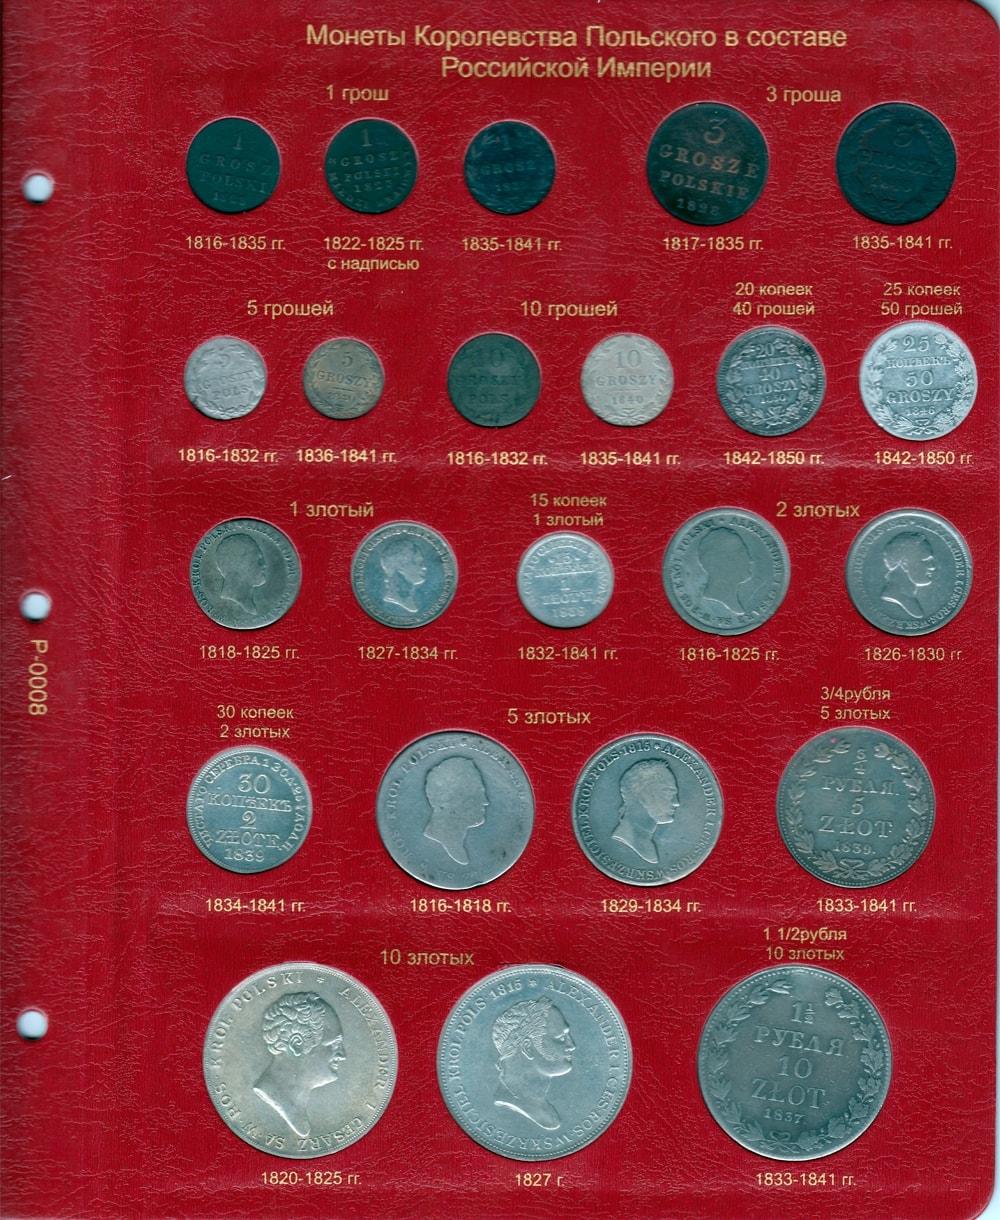 Лист для монет королевства польского, молдавии, грузии в рос.